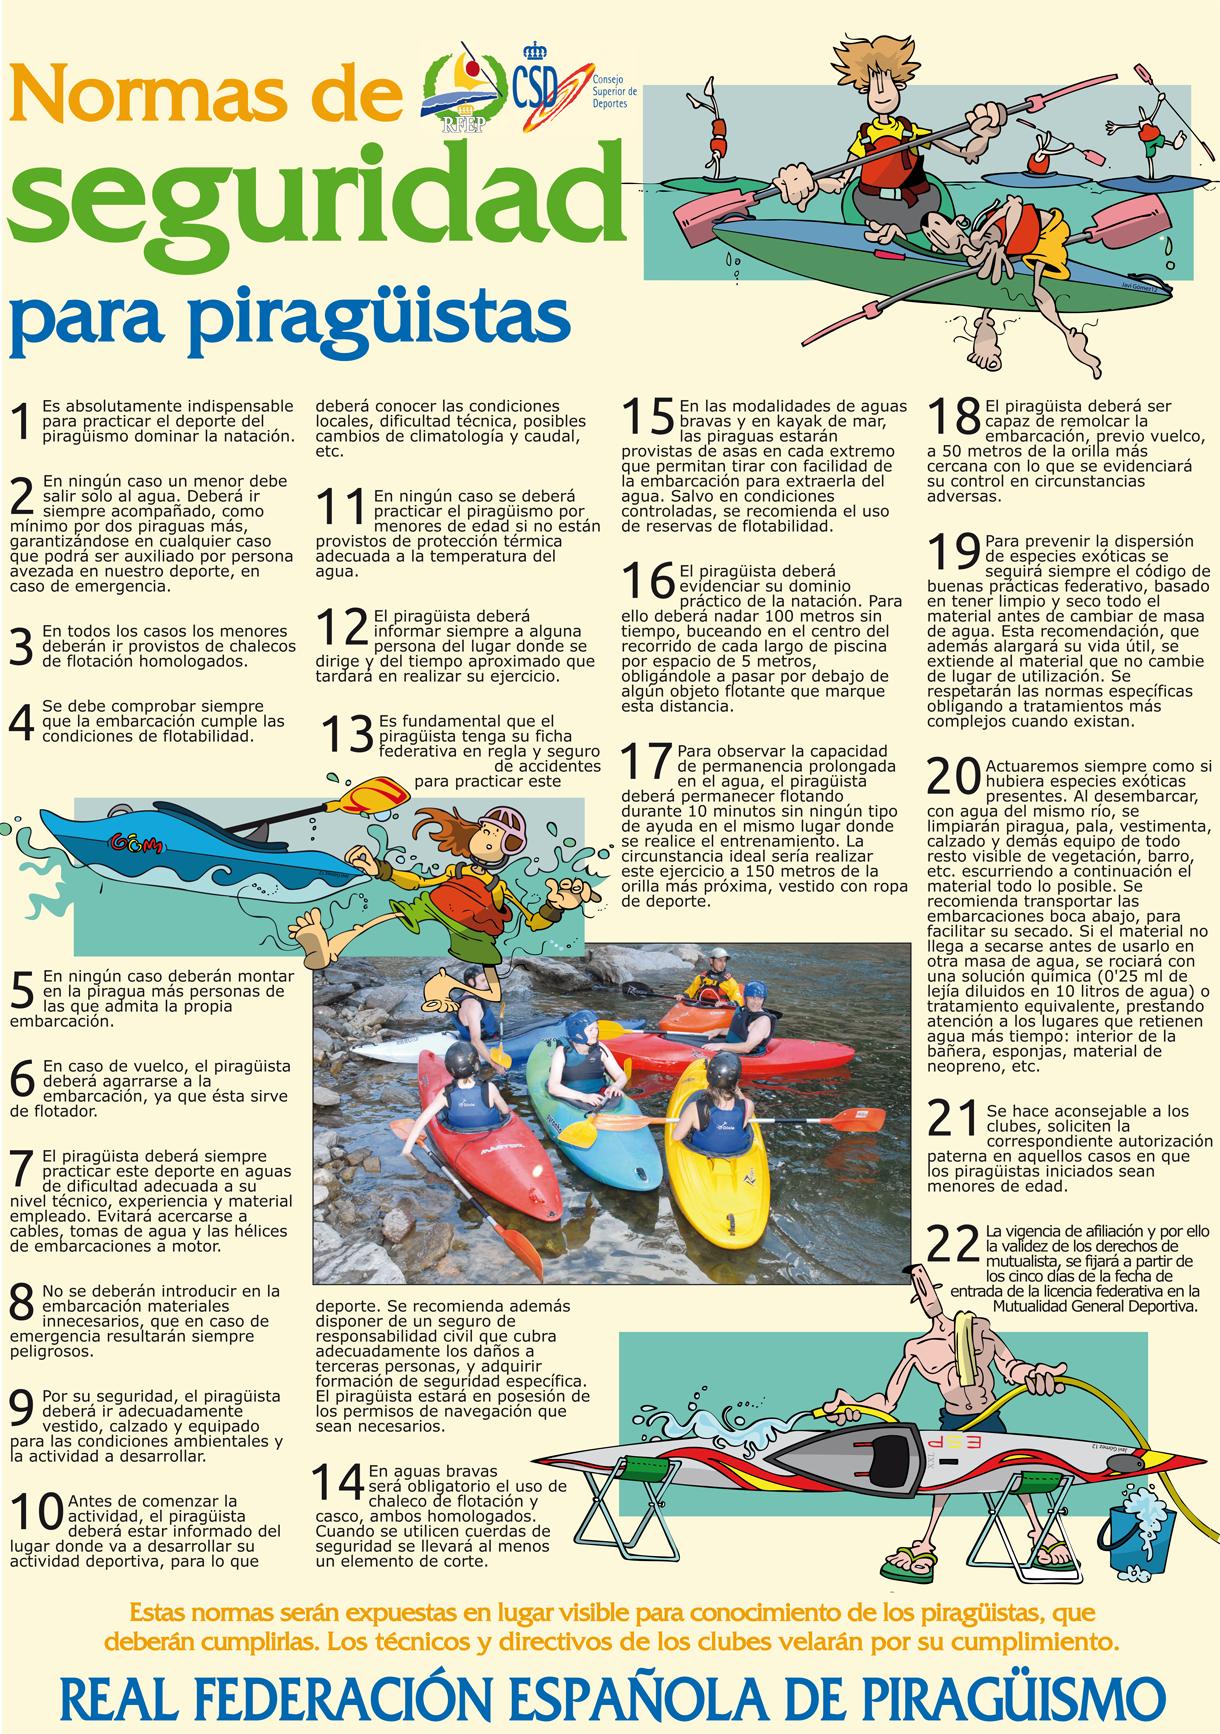 https://www.piraguamadrid.com/archivos/normasseguridad.png